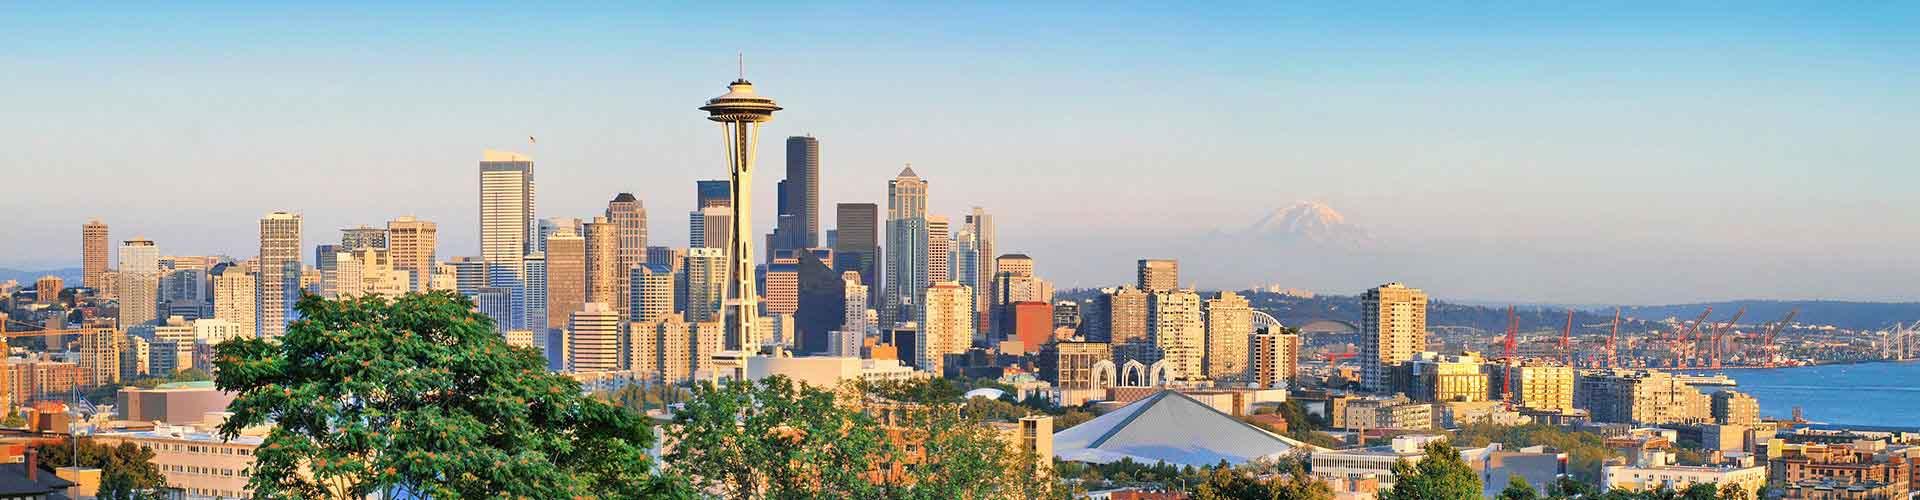 シアトルの – キャンプ場 シアトルの. 地図 シアトルの, すべてのキャンプ場の写真とレビュー シアトルの.